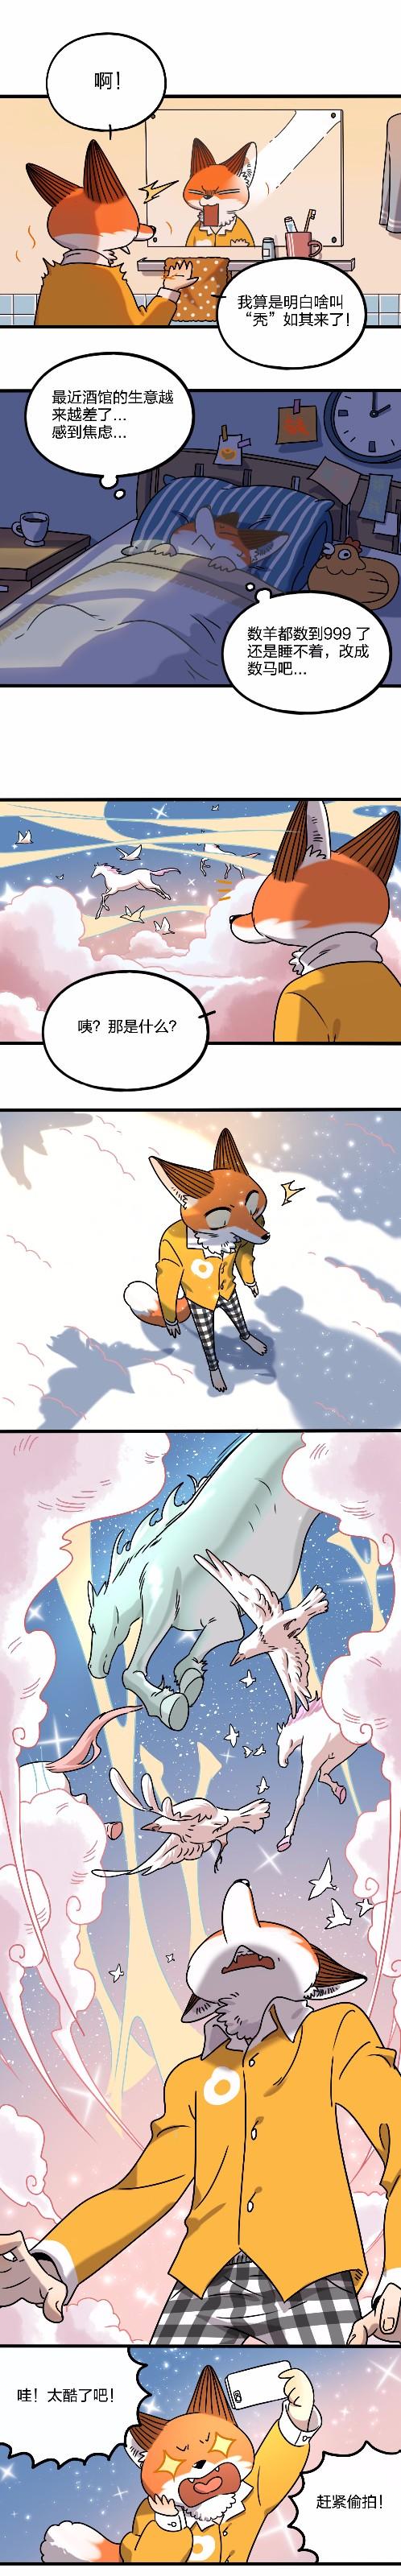 废柴狐.jpg